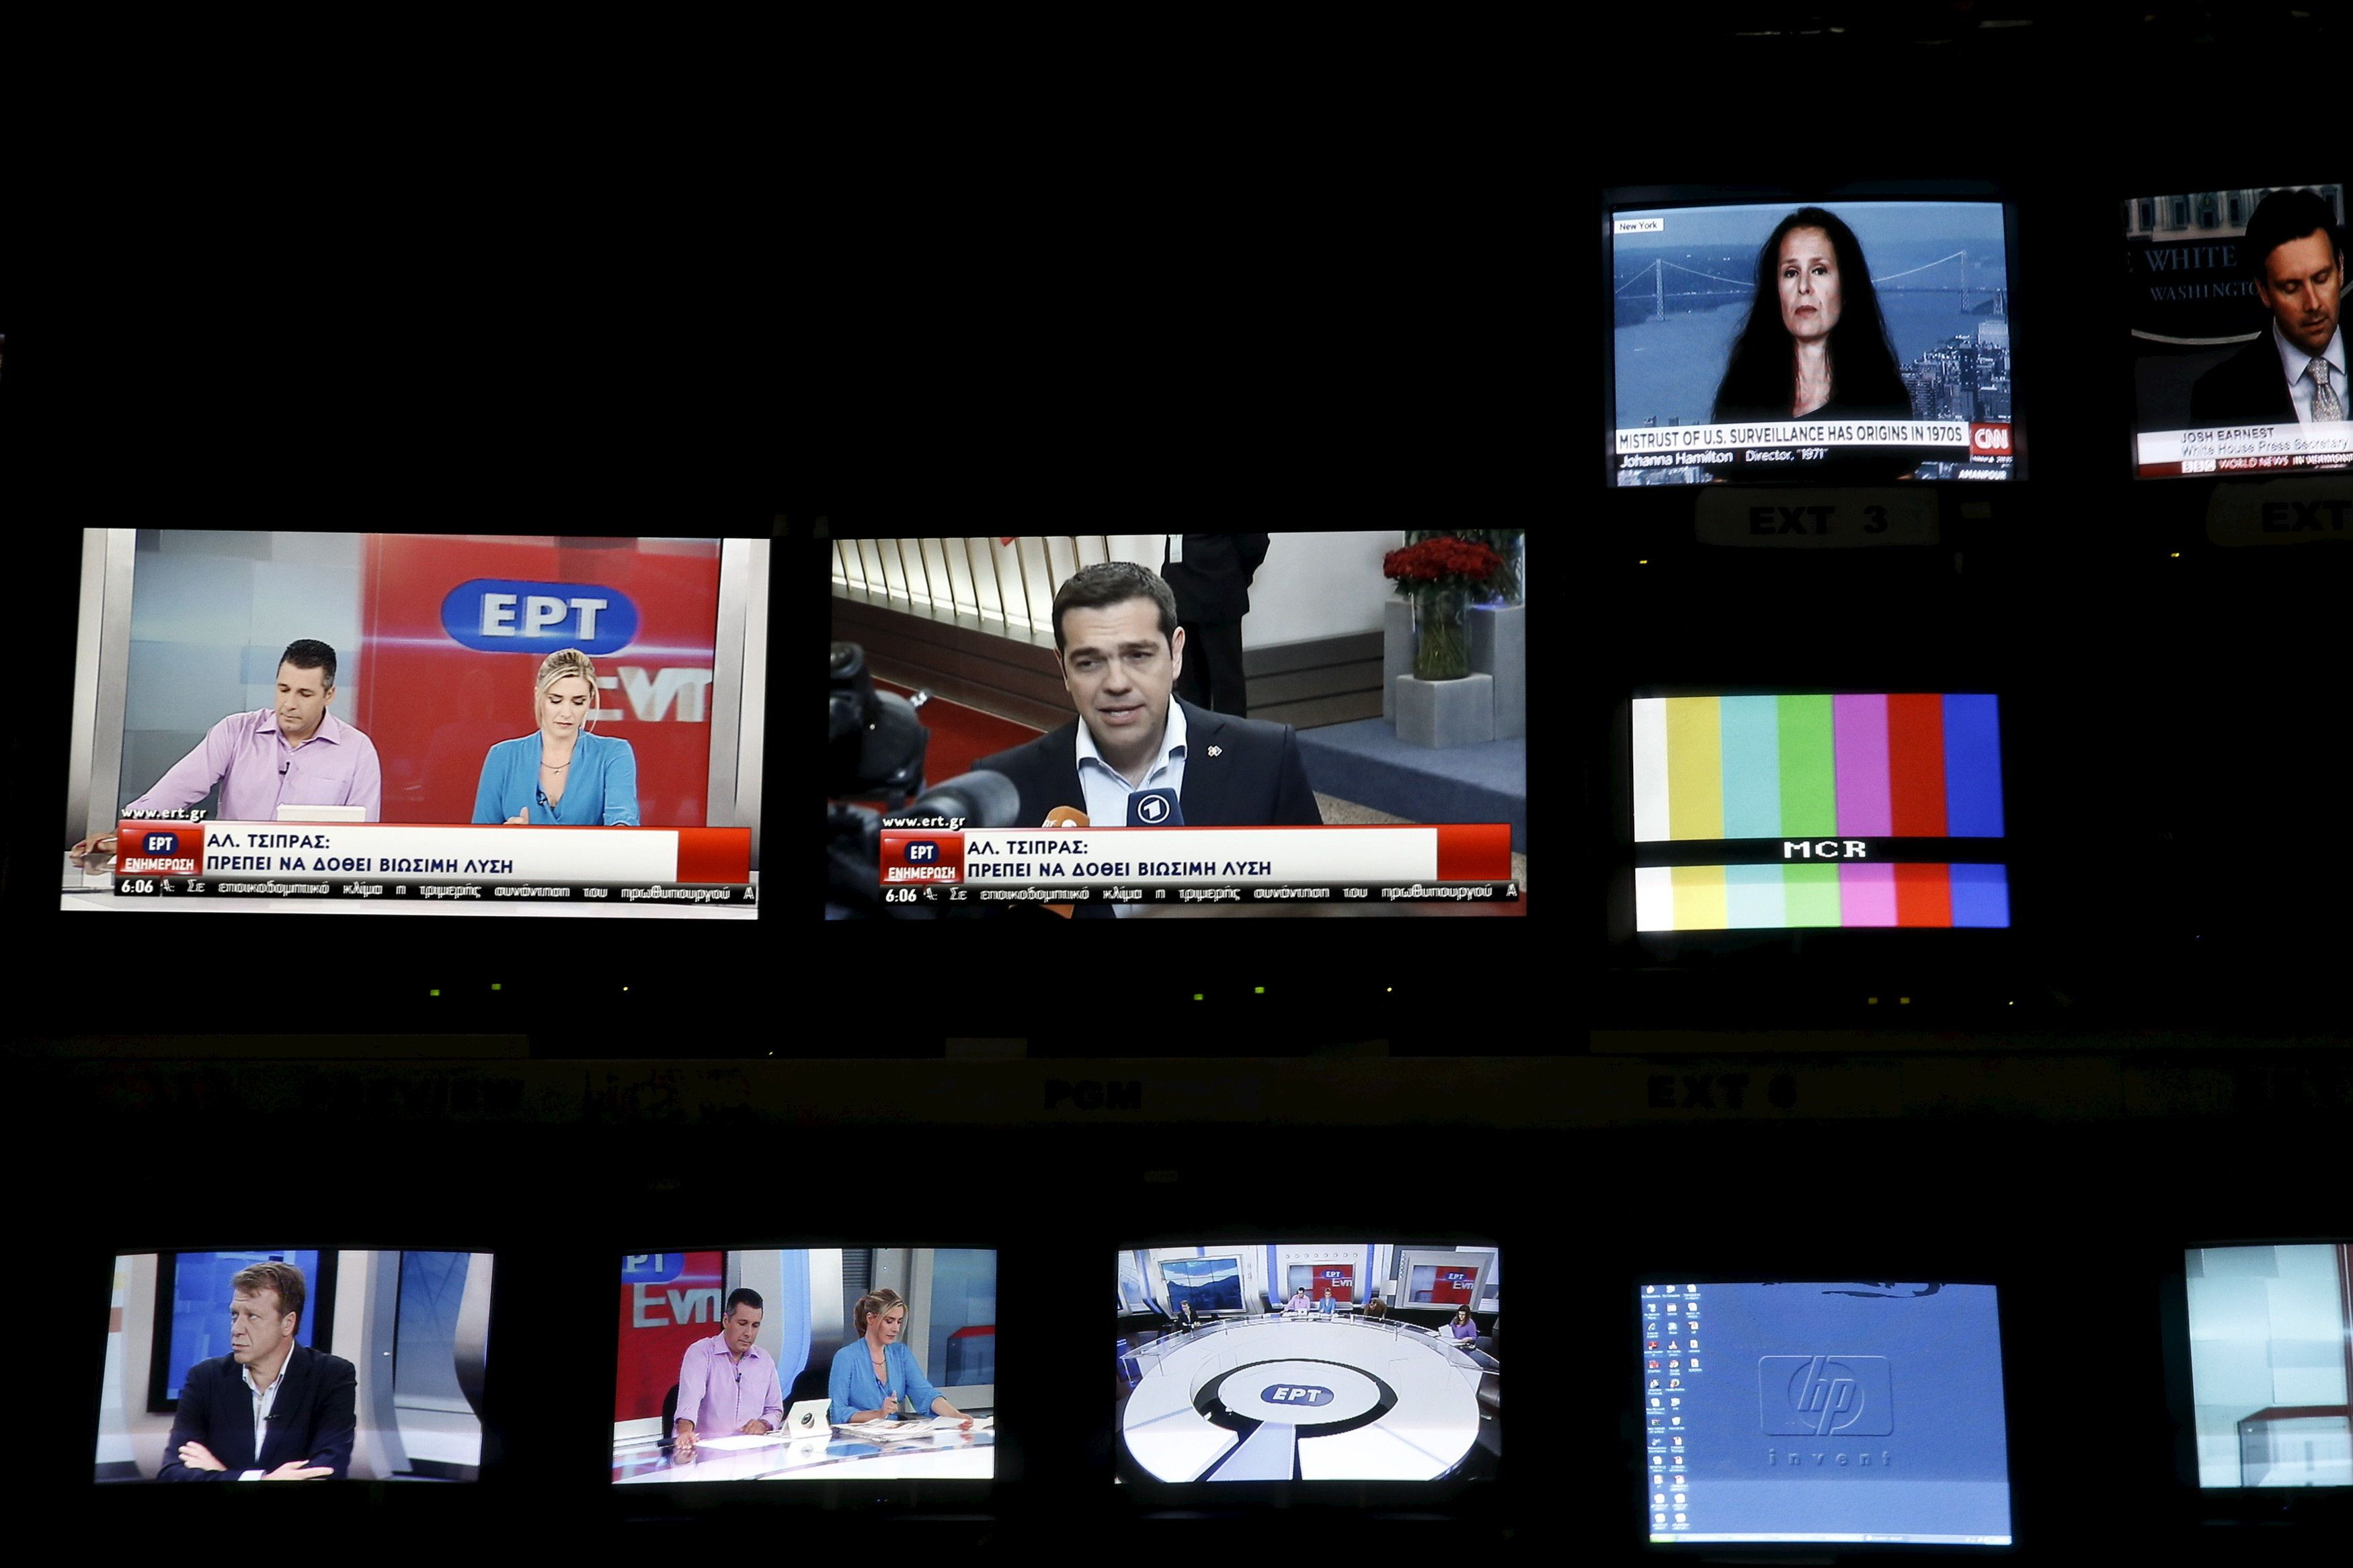 Μετατίθεται για την Τρίτη (16/1) η αποσφράγιση των φακέλων για τις τηλεοπτικές